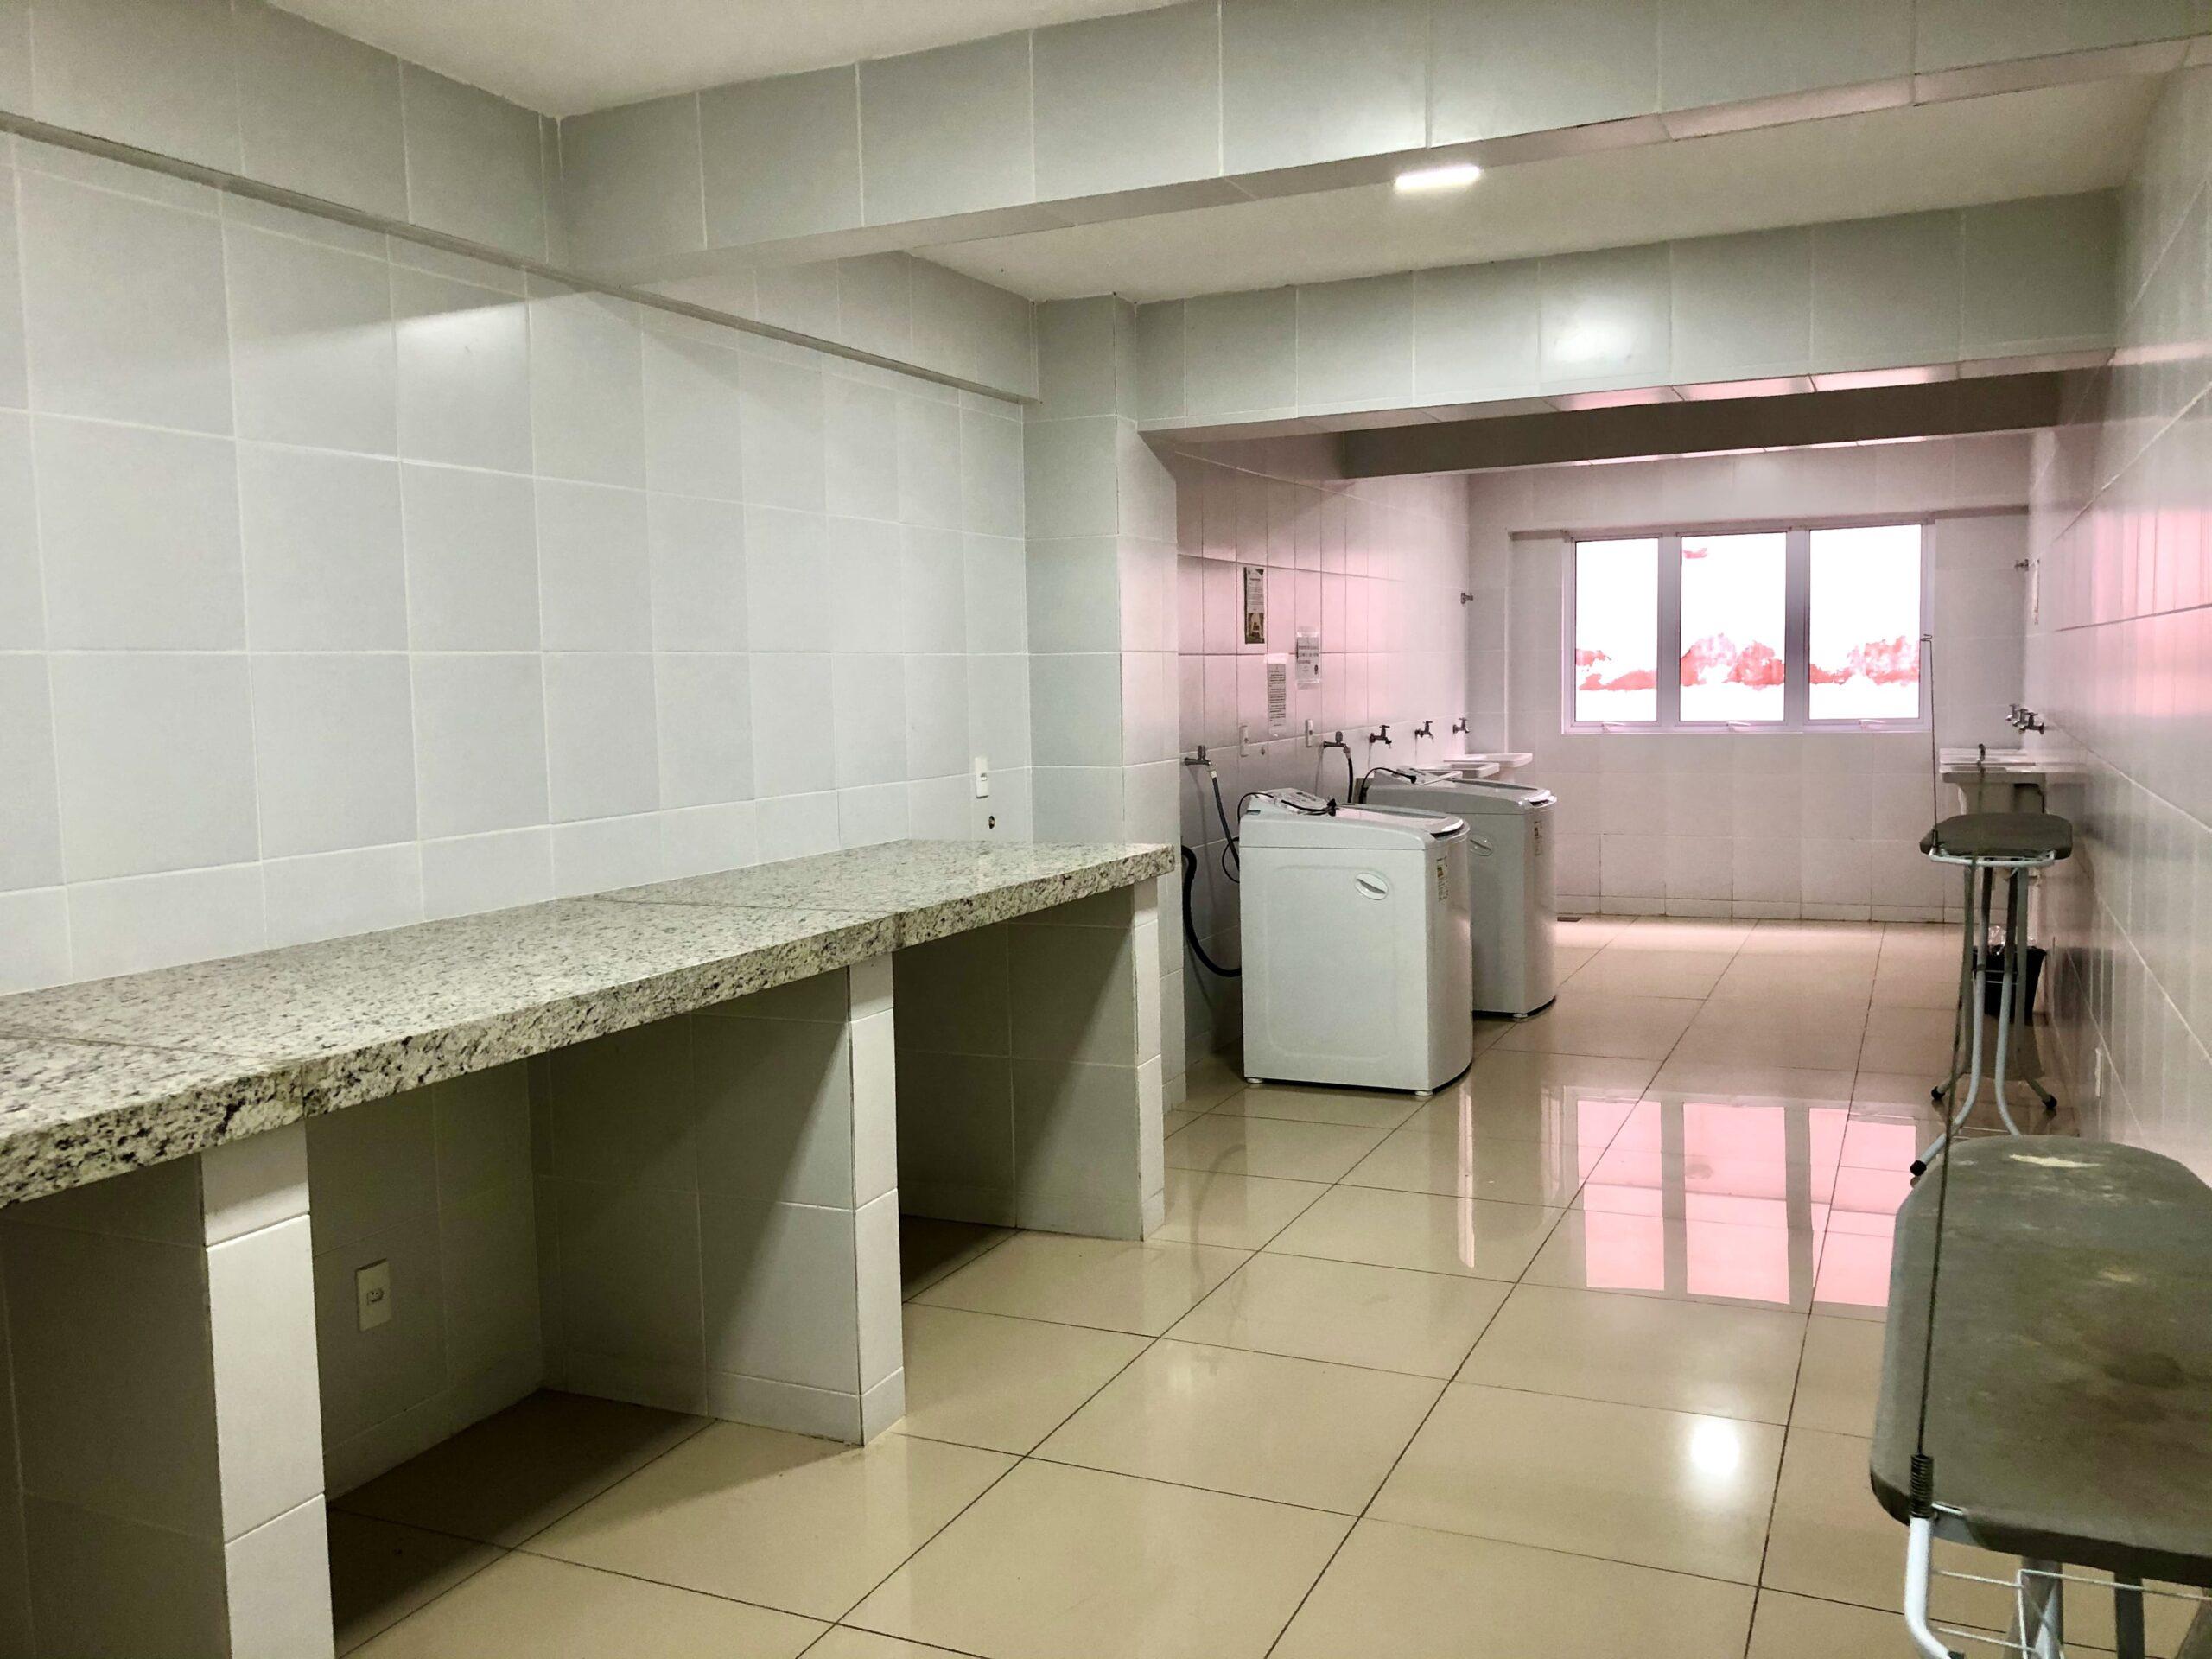 17 Apartamento para venda no Edifício Recanto das Palmeiras Teresina,3 Quartos, sendo 1 suíte, banheiro social, 1 vaga, piso em porcelanato